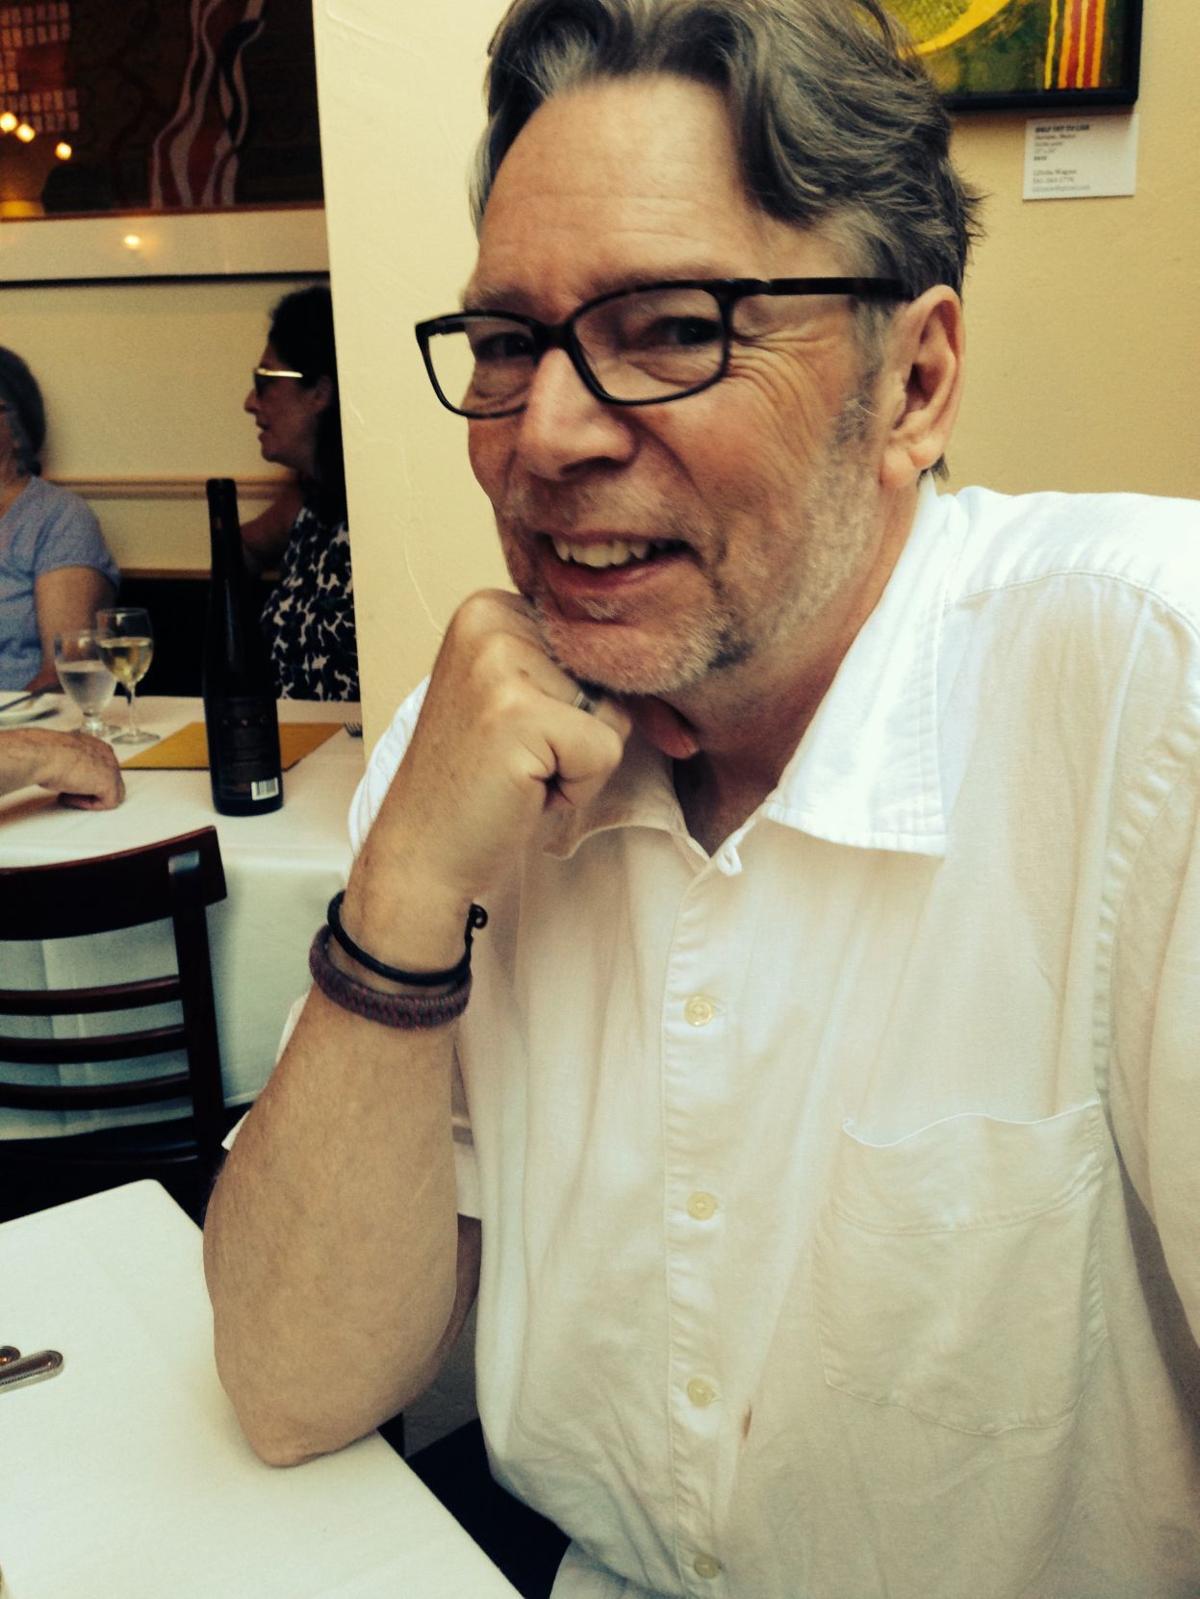 Randy Carl Anderson